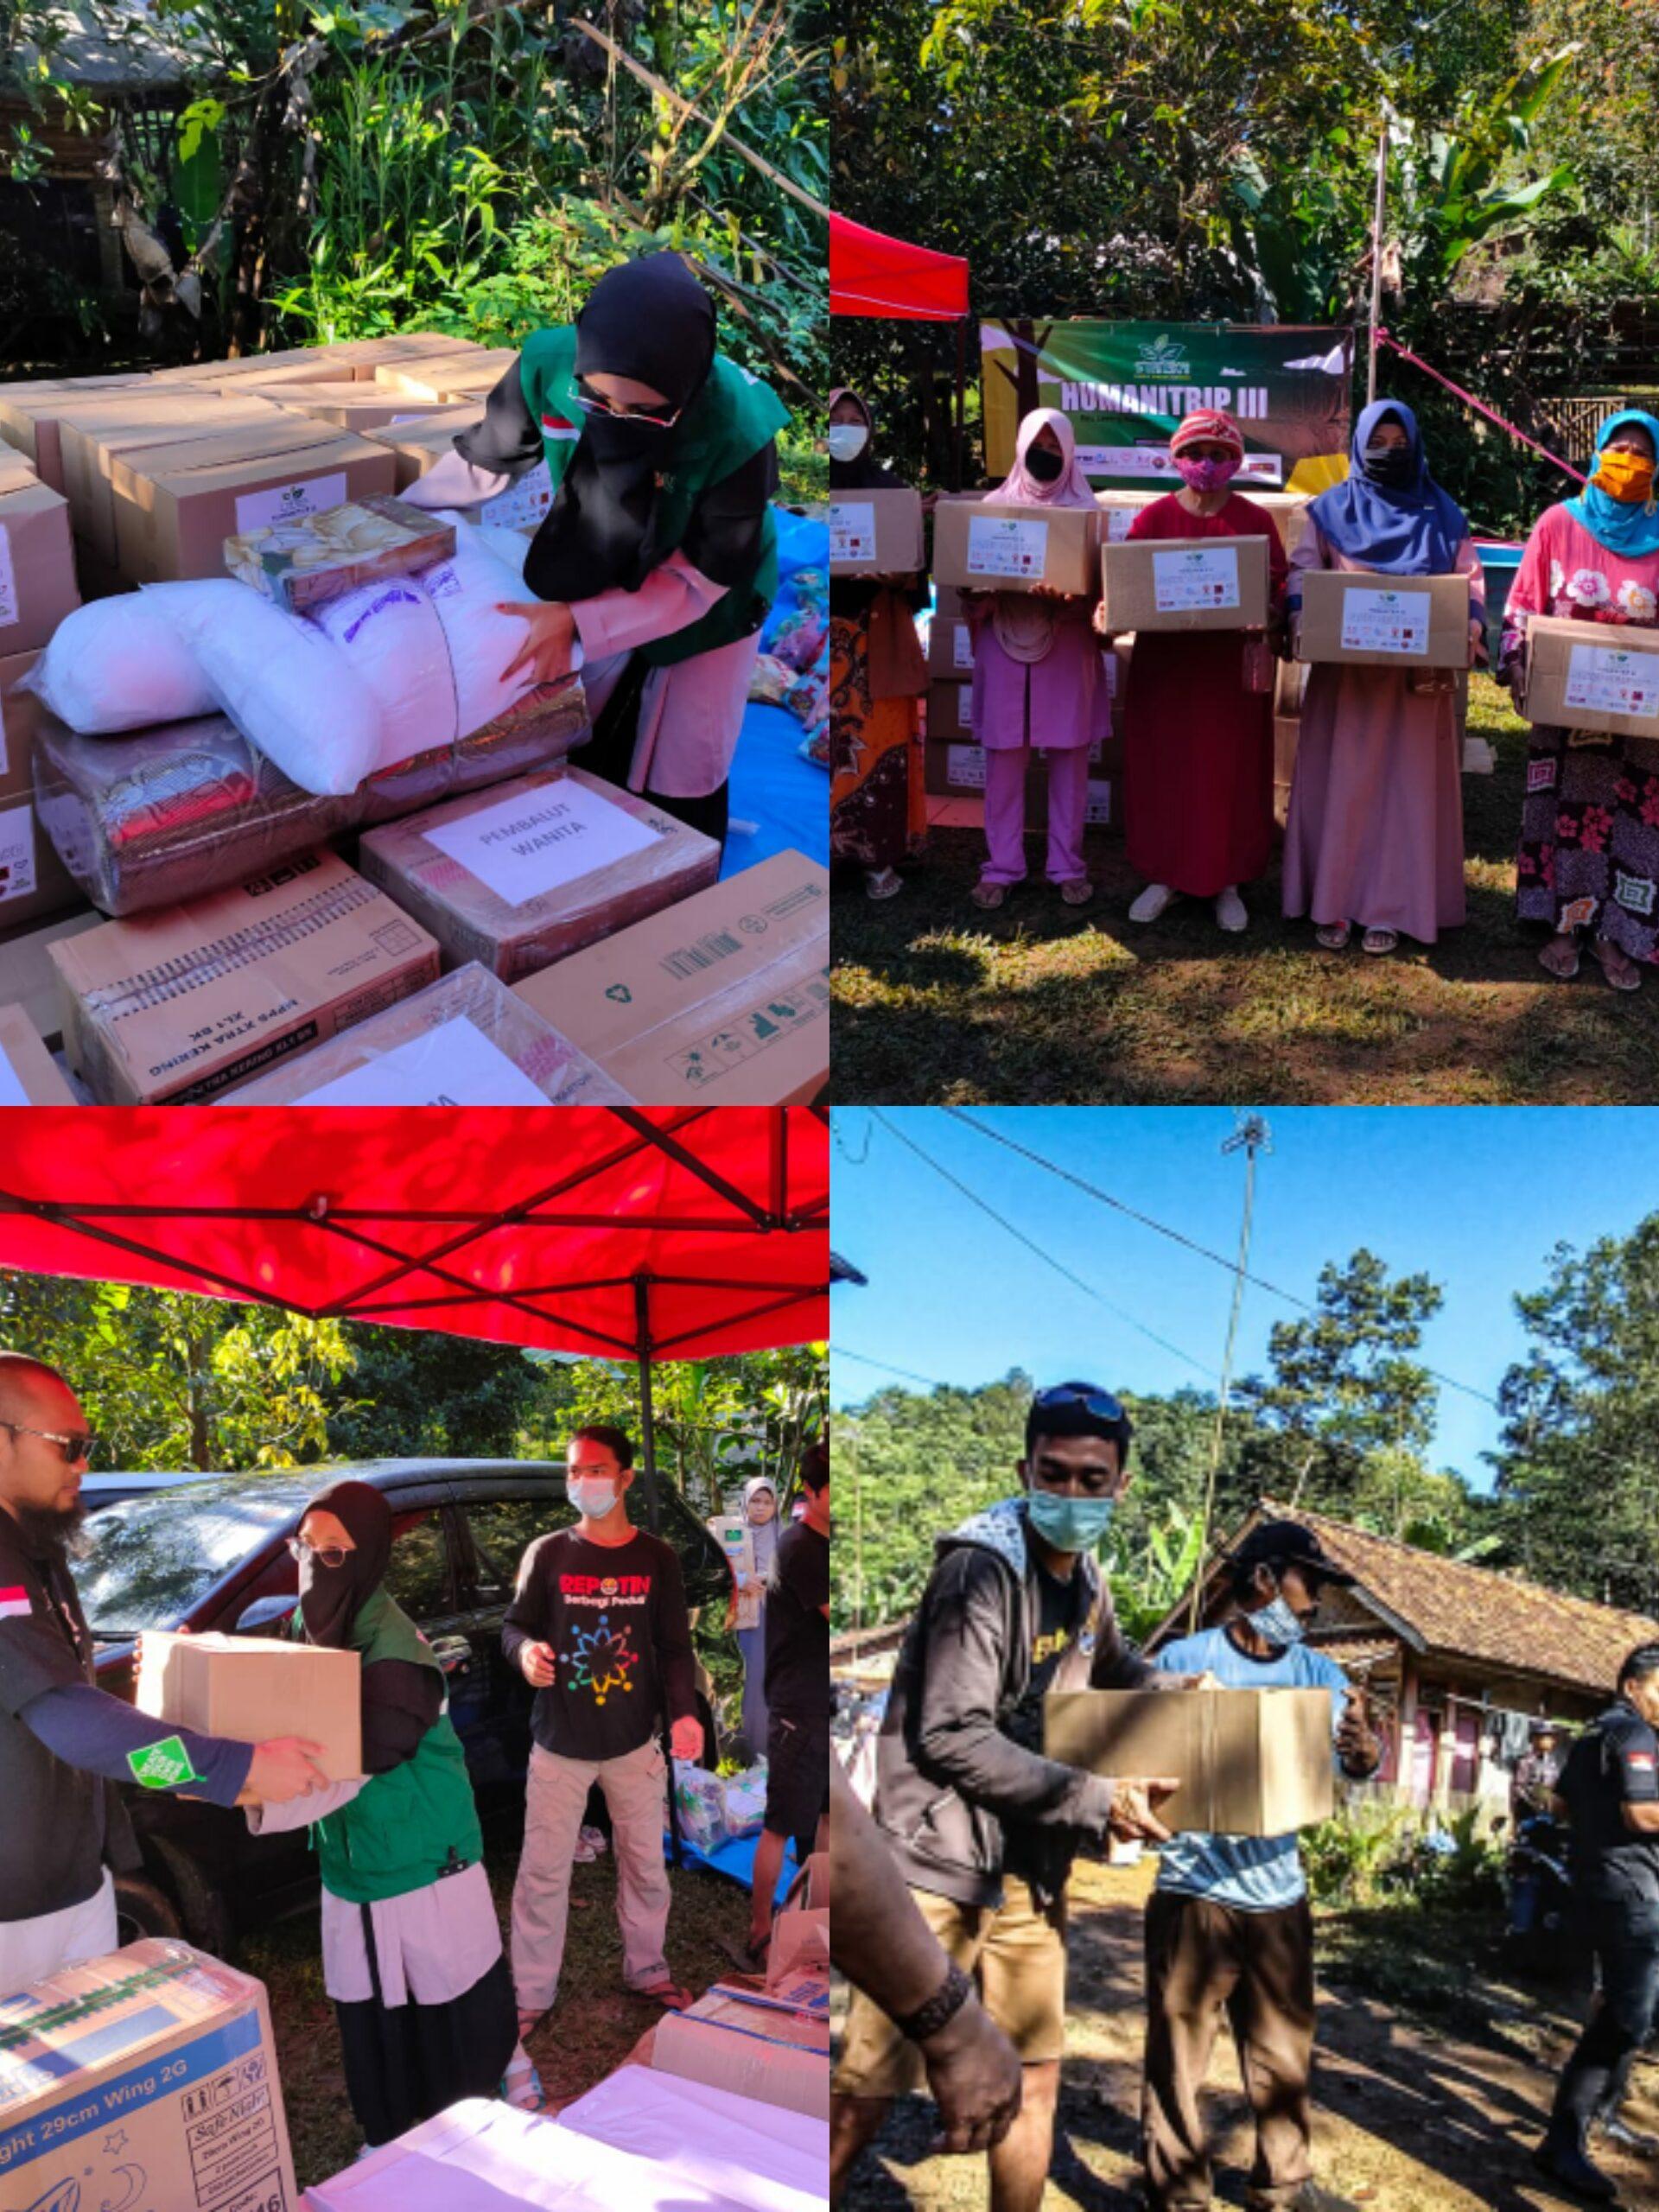 Perjalanan HUMANITRIP III, Salurkan Bantuan Lalui Jarak Lokasi